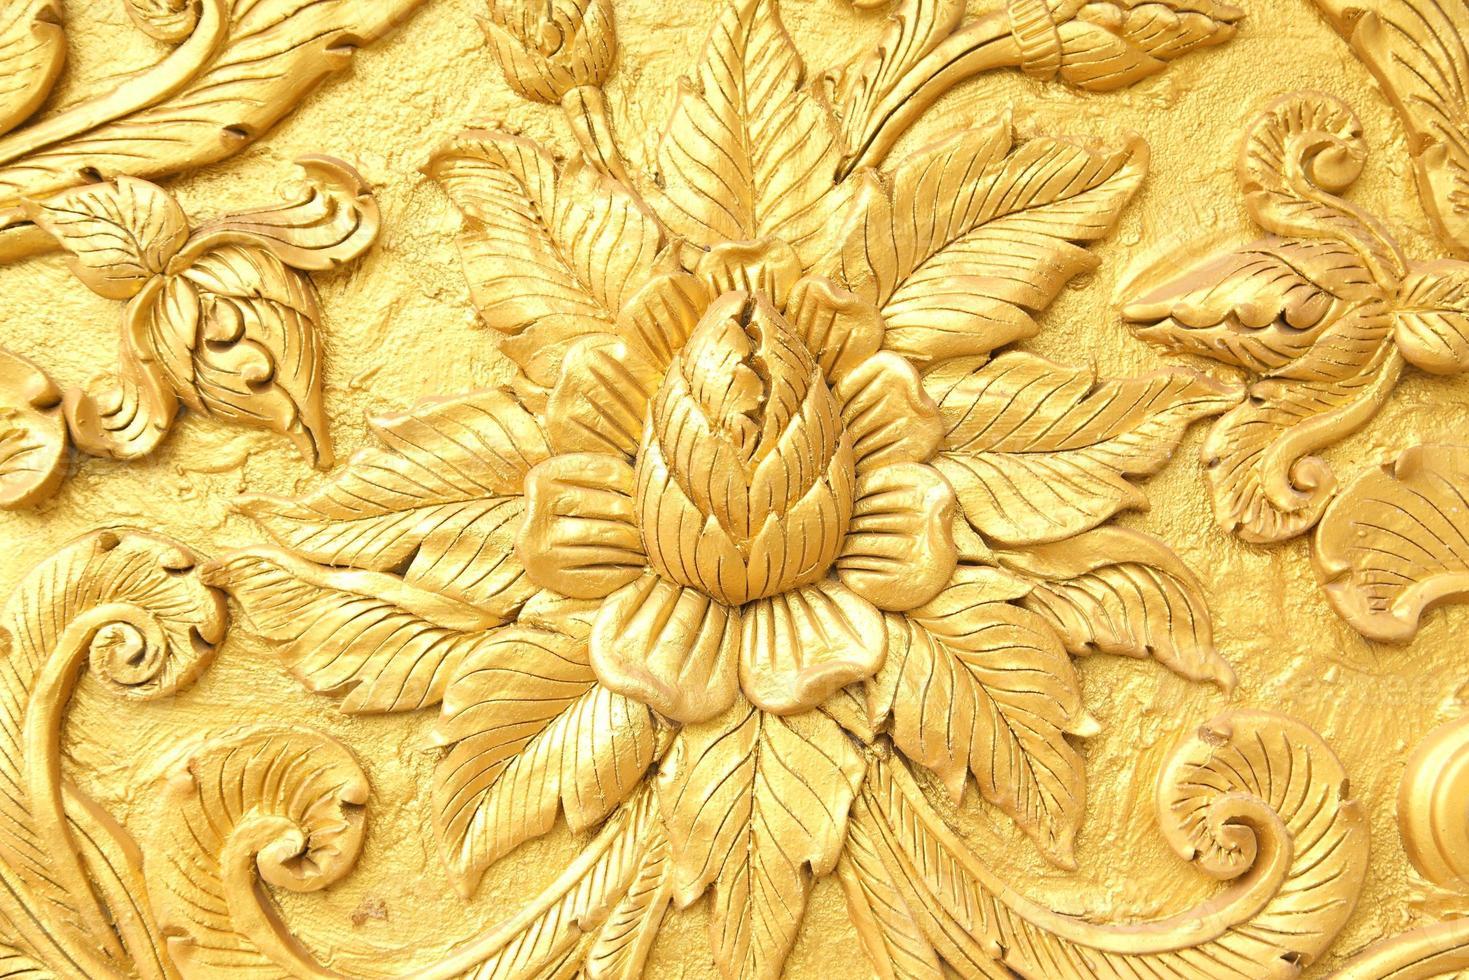 motif de style traditionnel thaïlandais décoratif dans le temple, Thaïlande. photo